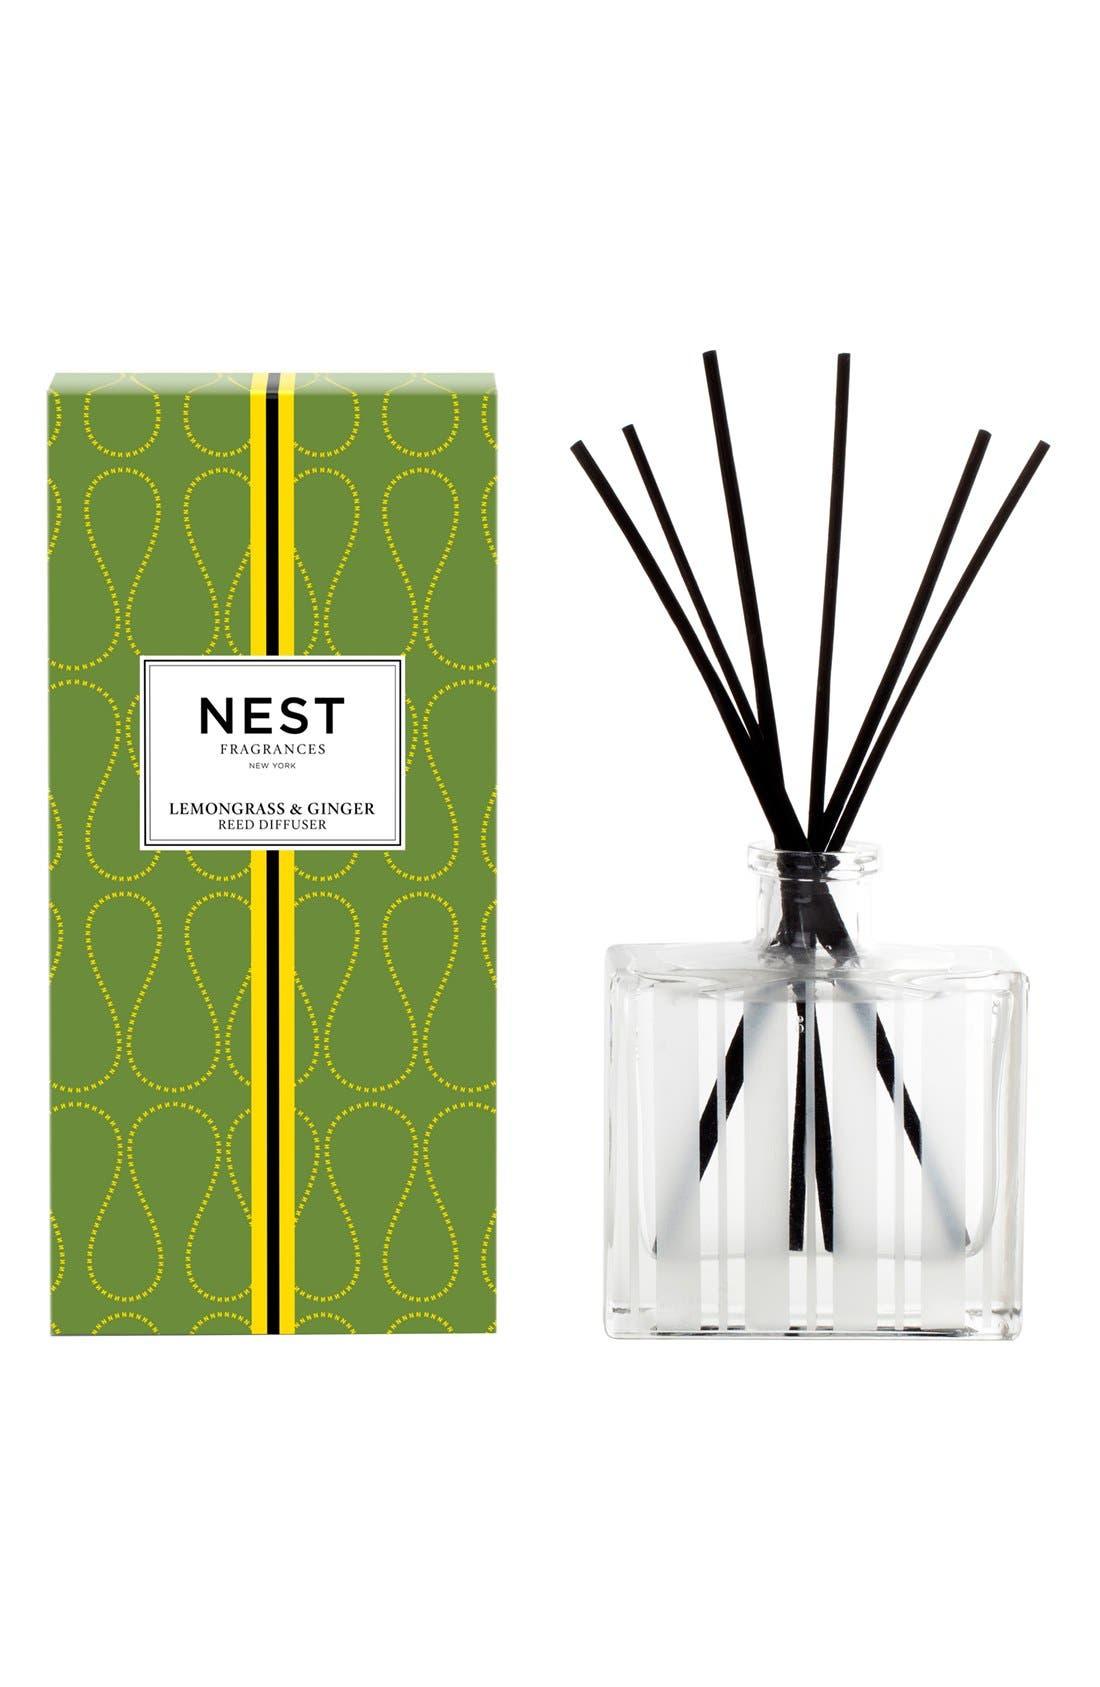 Alternate Image 1 Selected - NEST Fragrances 'Lemongrass & Ginger' Reed Diffuser